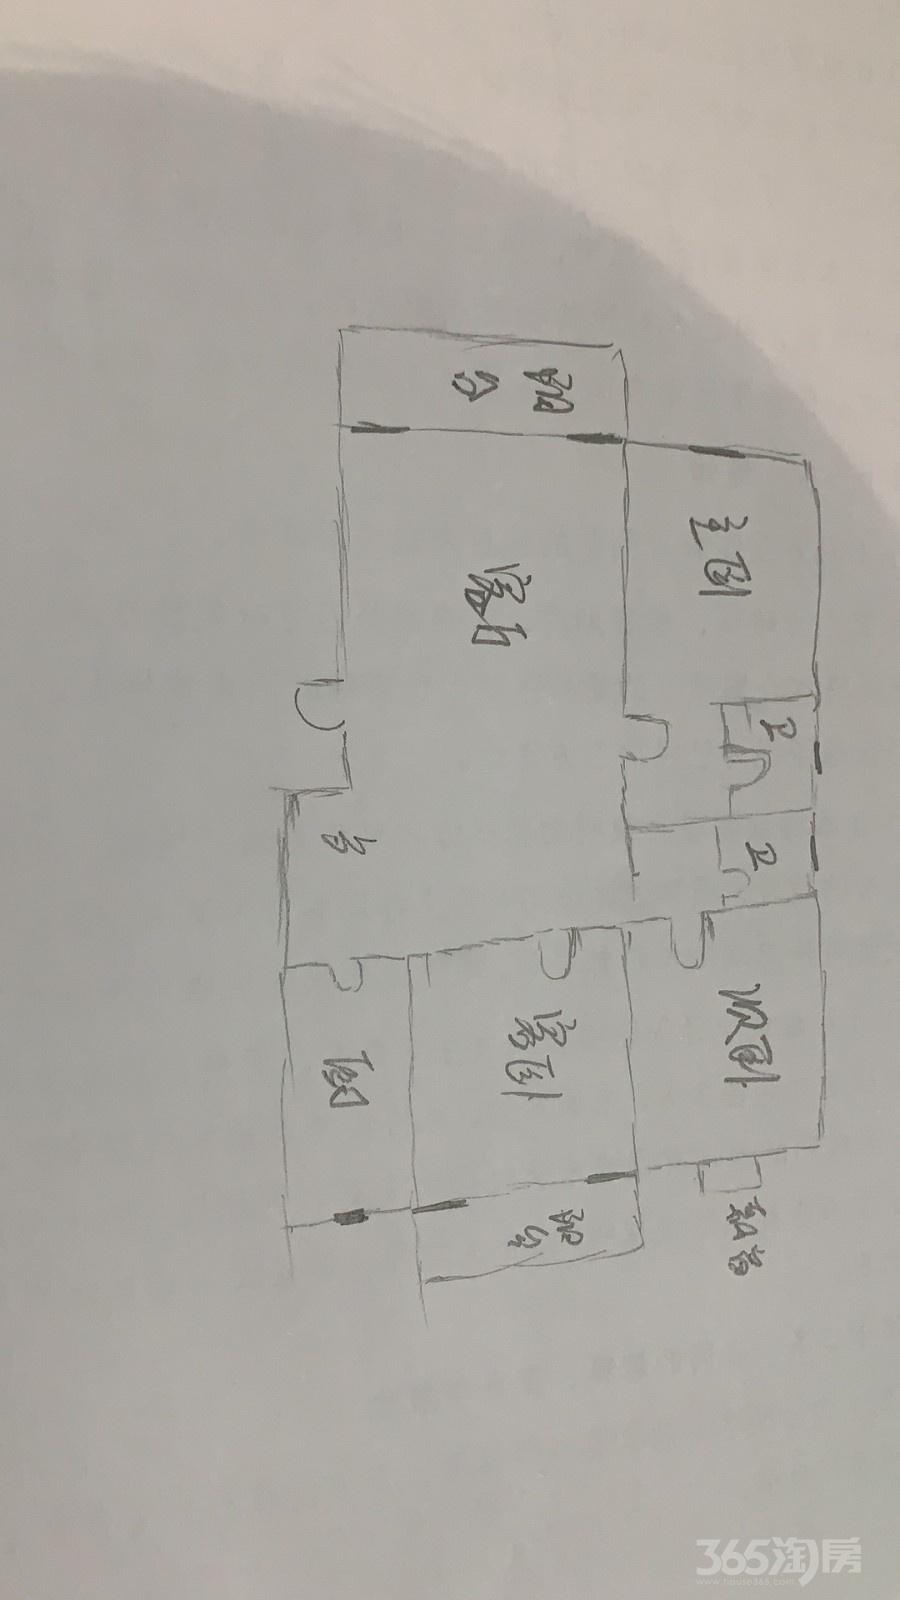 飞龙社区3室2厅2卫39万元132平方